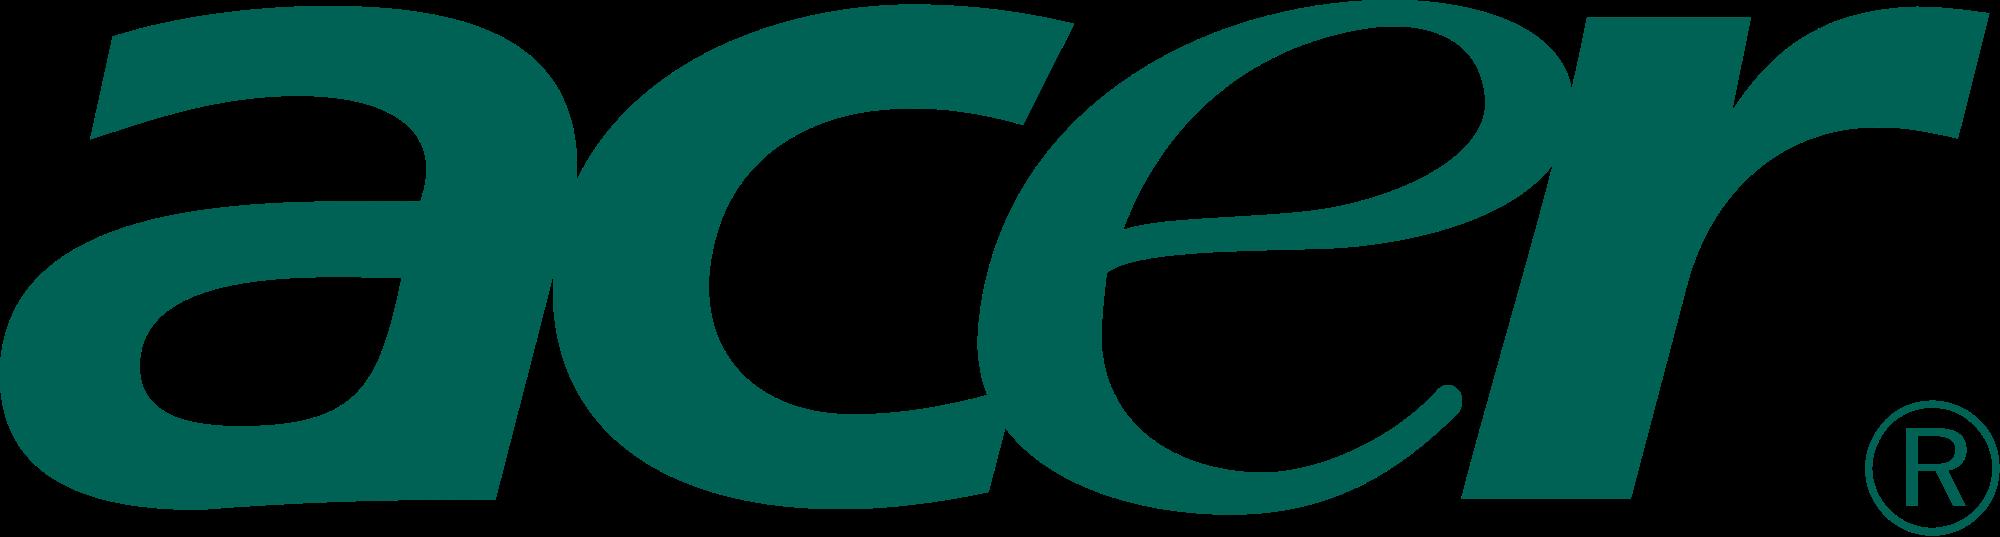 Acer_Logo.png